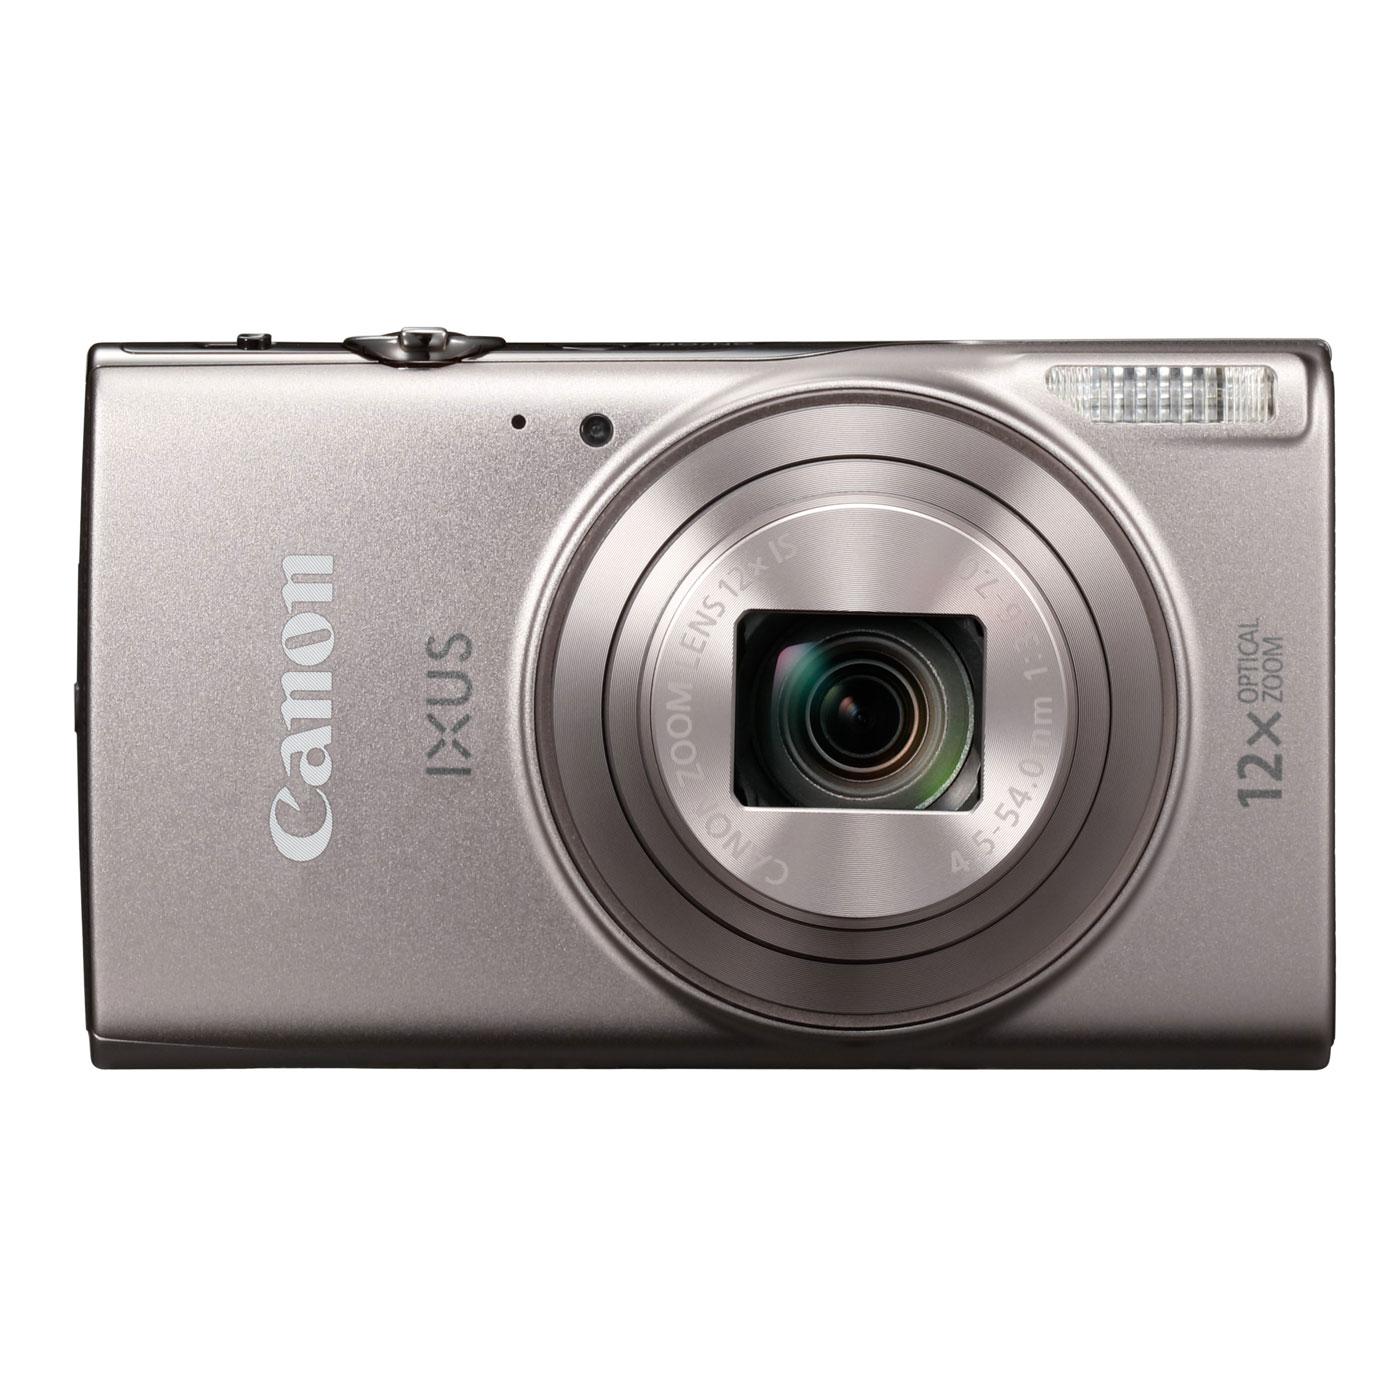 canon ixus 285 hs argent - appareil photo numérique canon sur ldlc